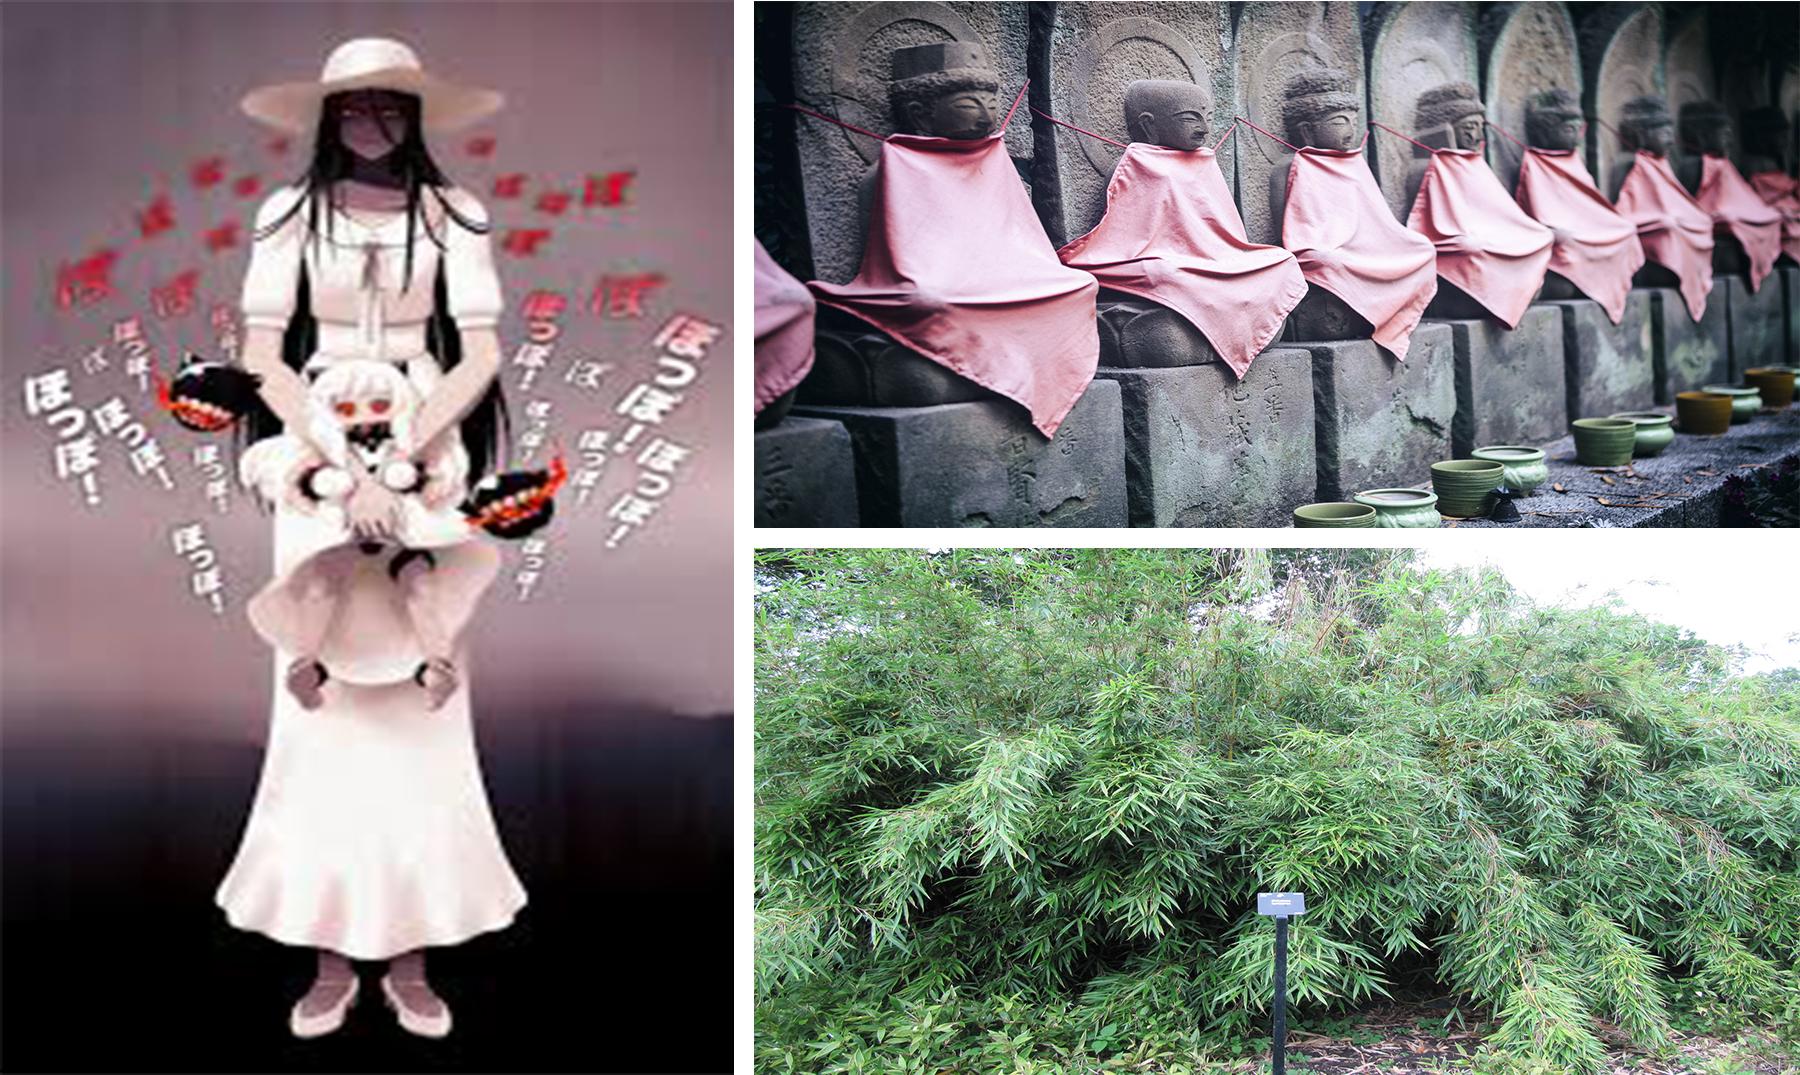 Historia de la mujer vestida de blanco